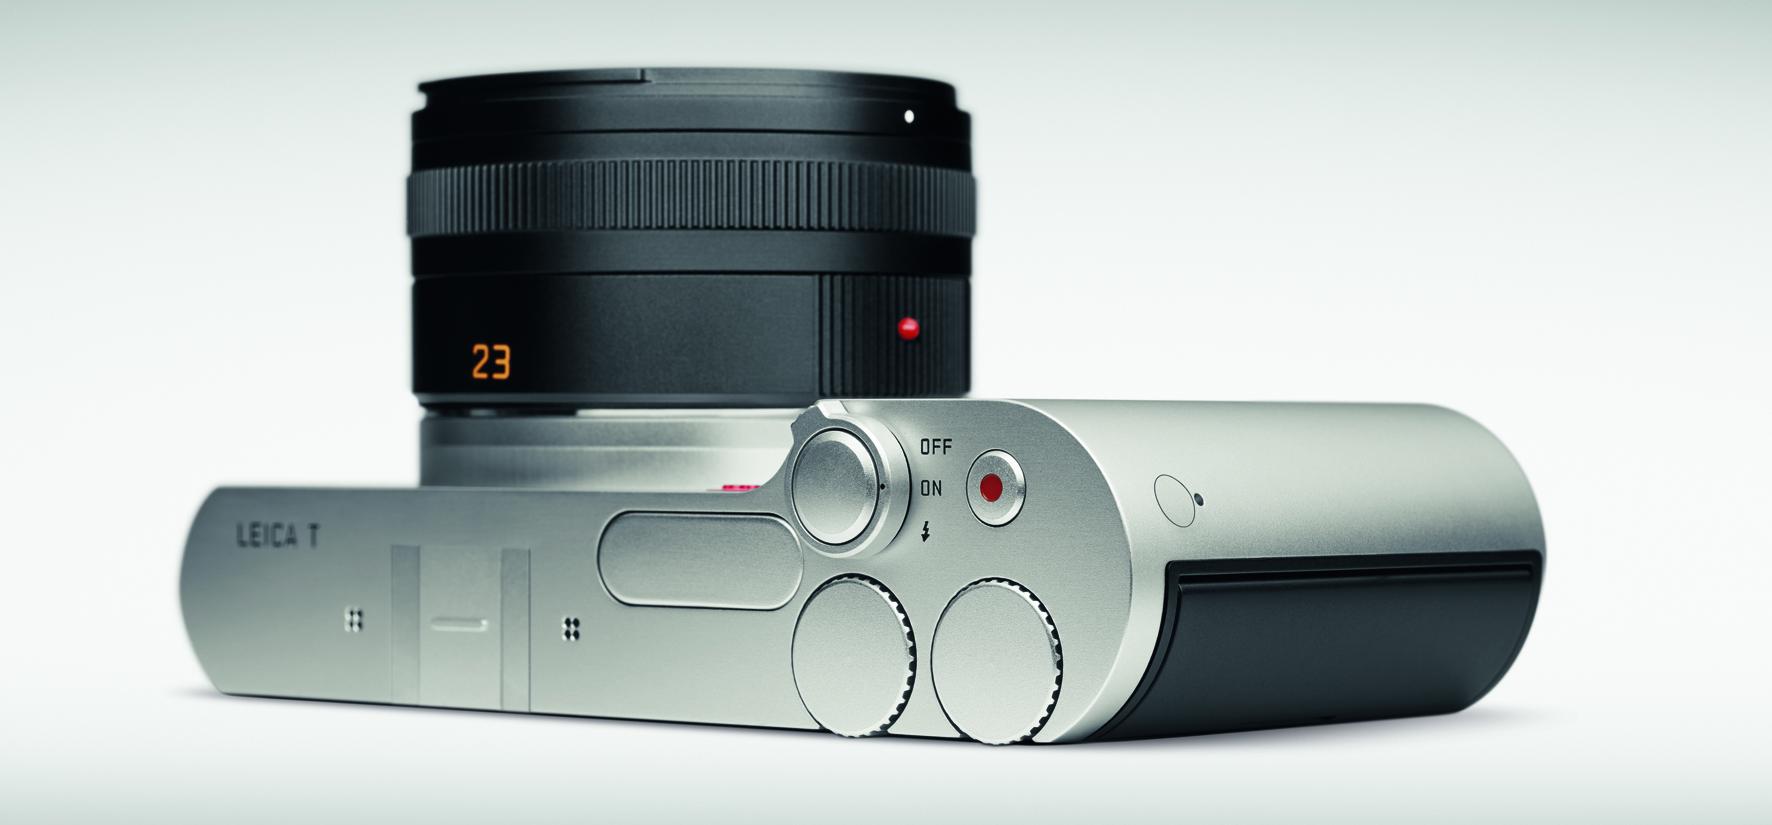 Leica T top controls